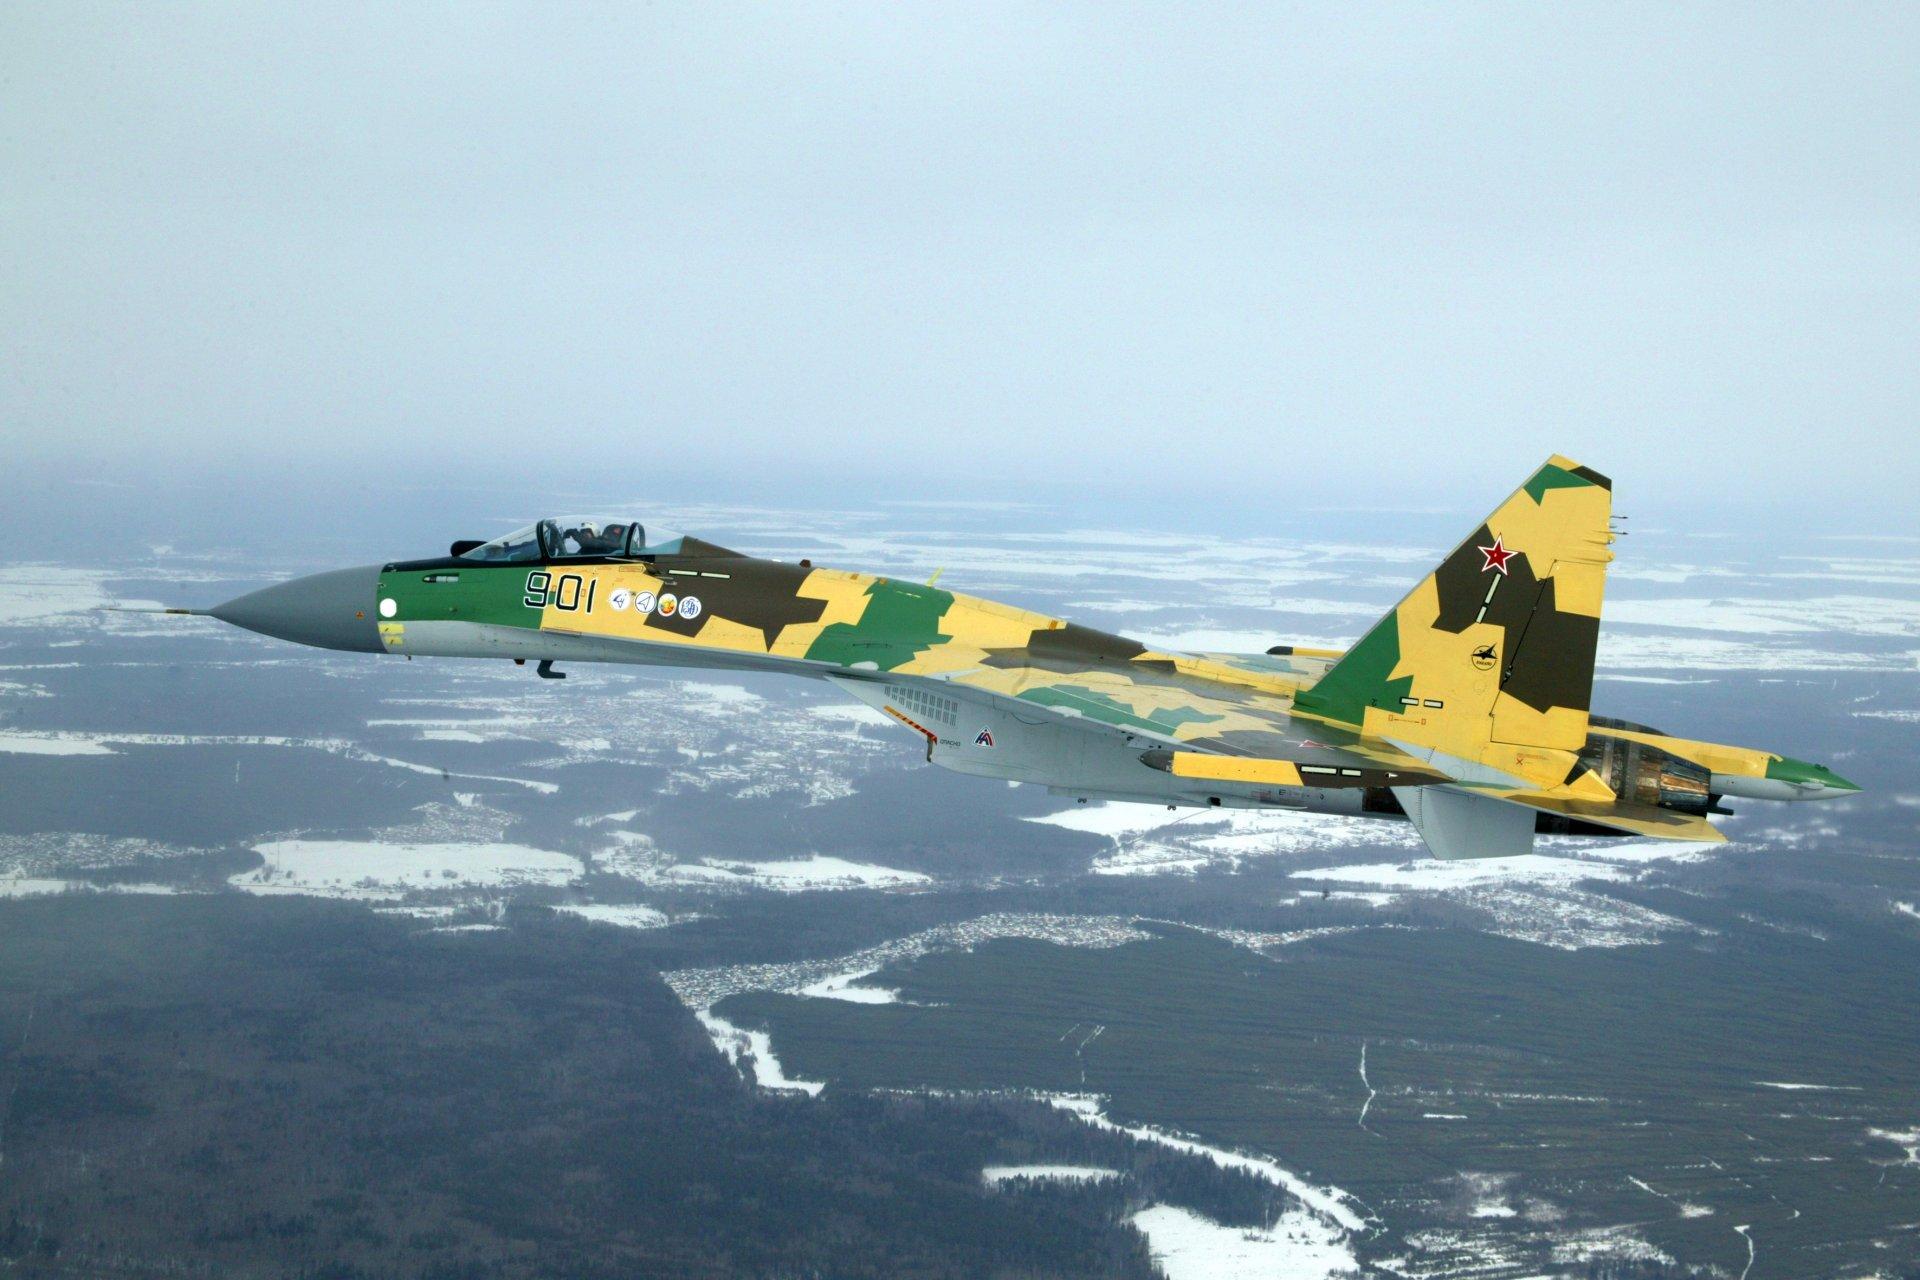 Обои сверхманевренный, Самолёт, многоцелевой, Su-35. Авиация foto 18